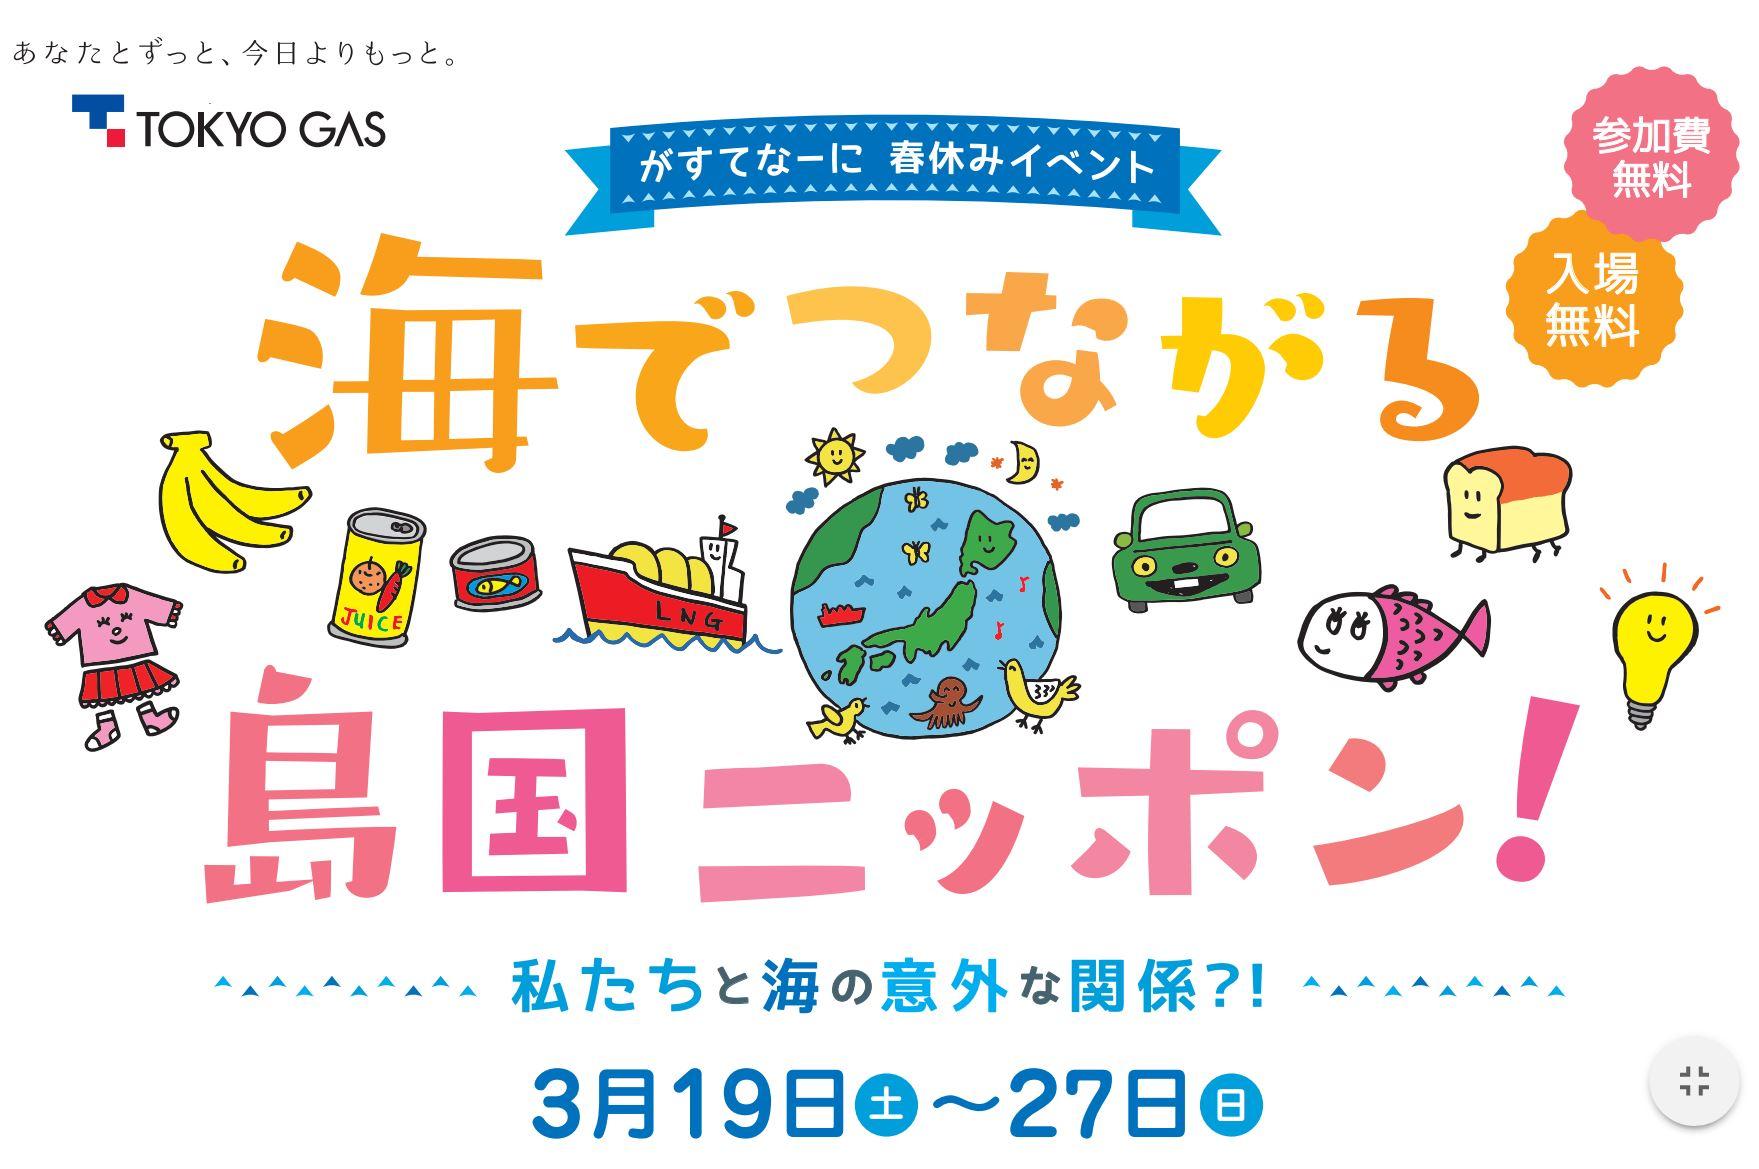 東京ガス がすてなーに 春休みイベント 1 豊洲マガジン